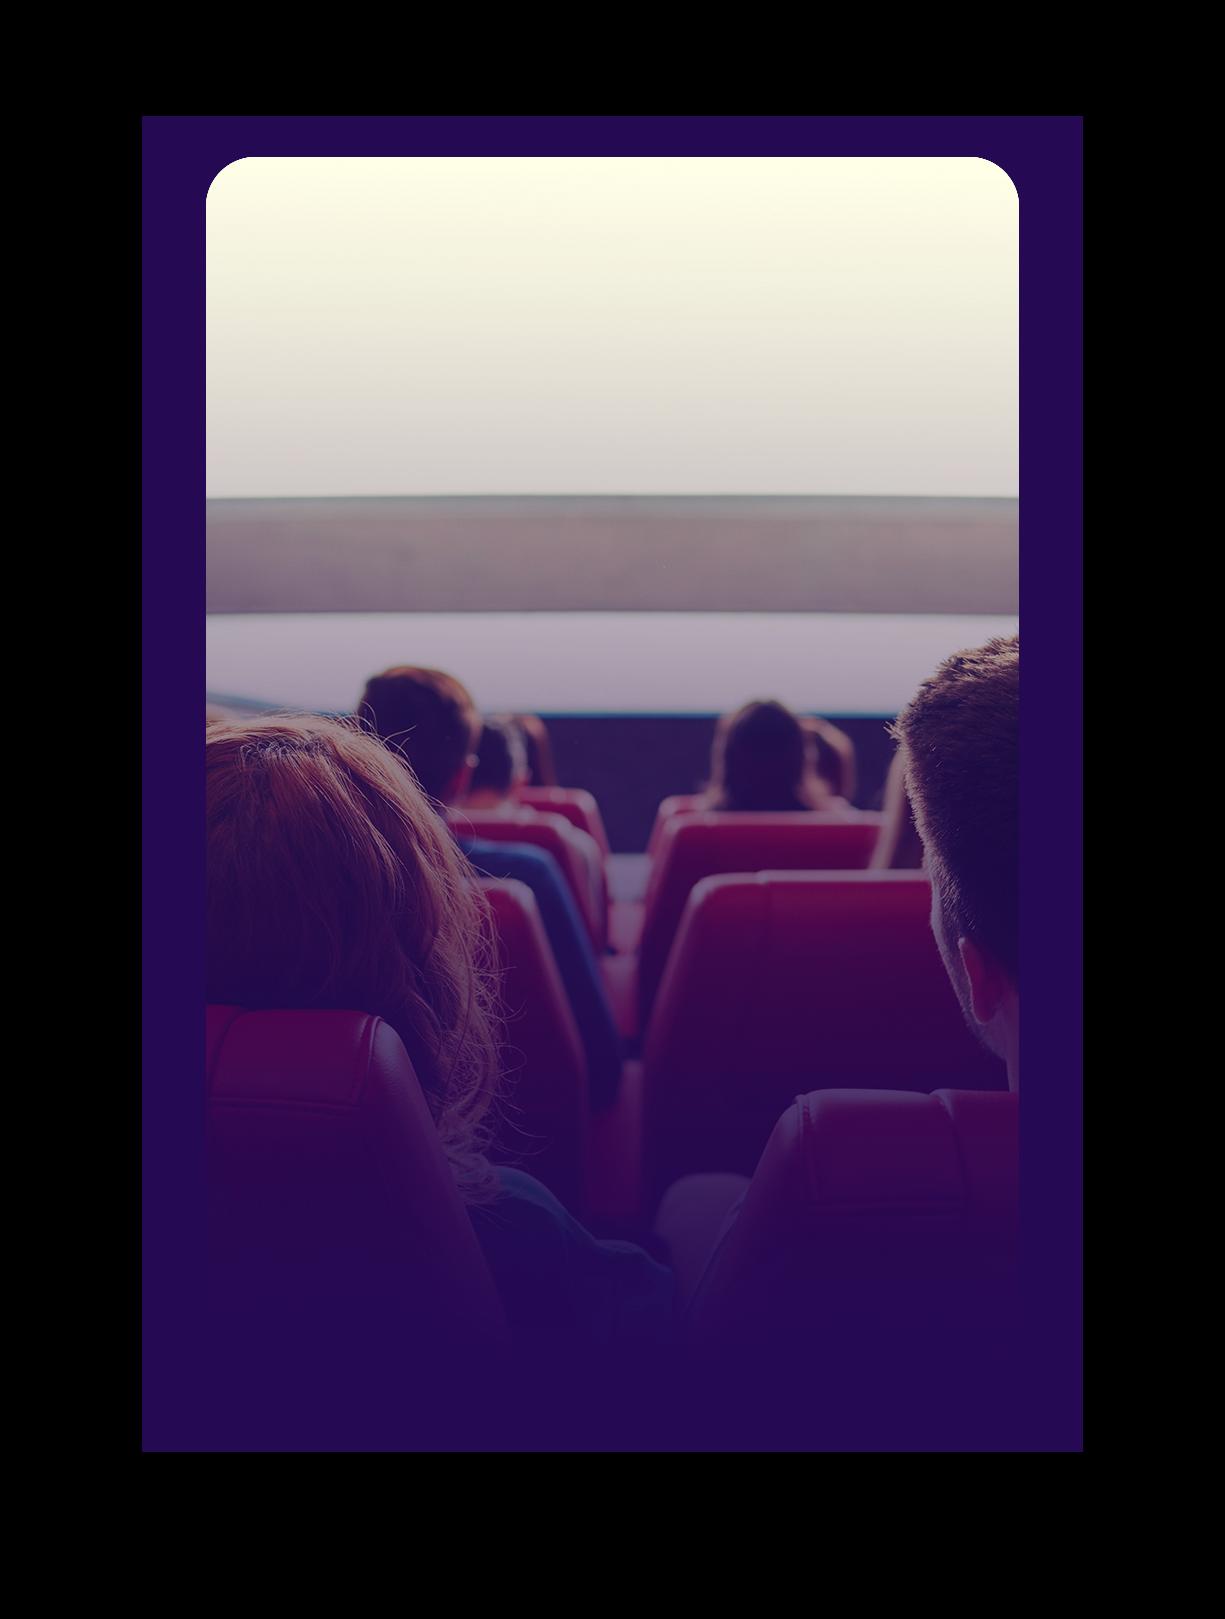 ici se trouve une photo d'une salle cinéma ou l'on voit de dos des jeunes ainsi que l'écran